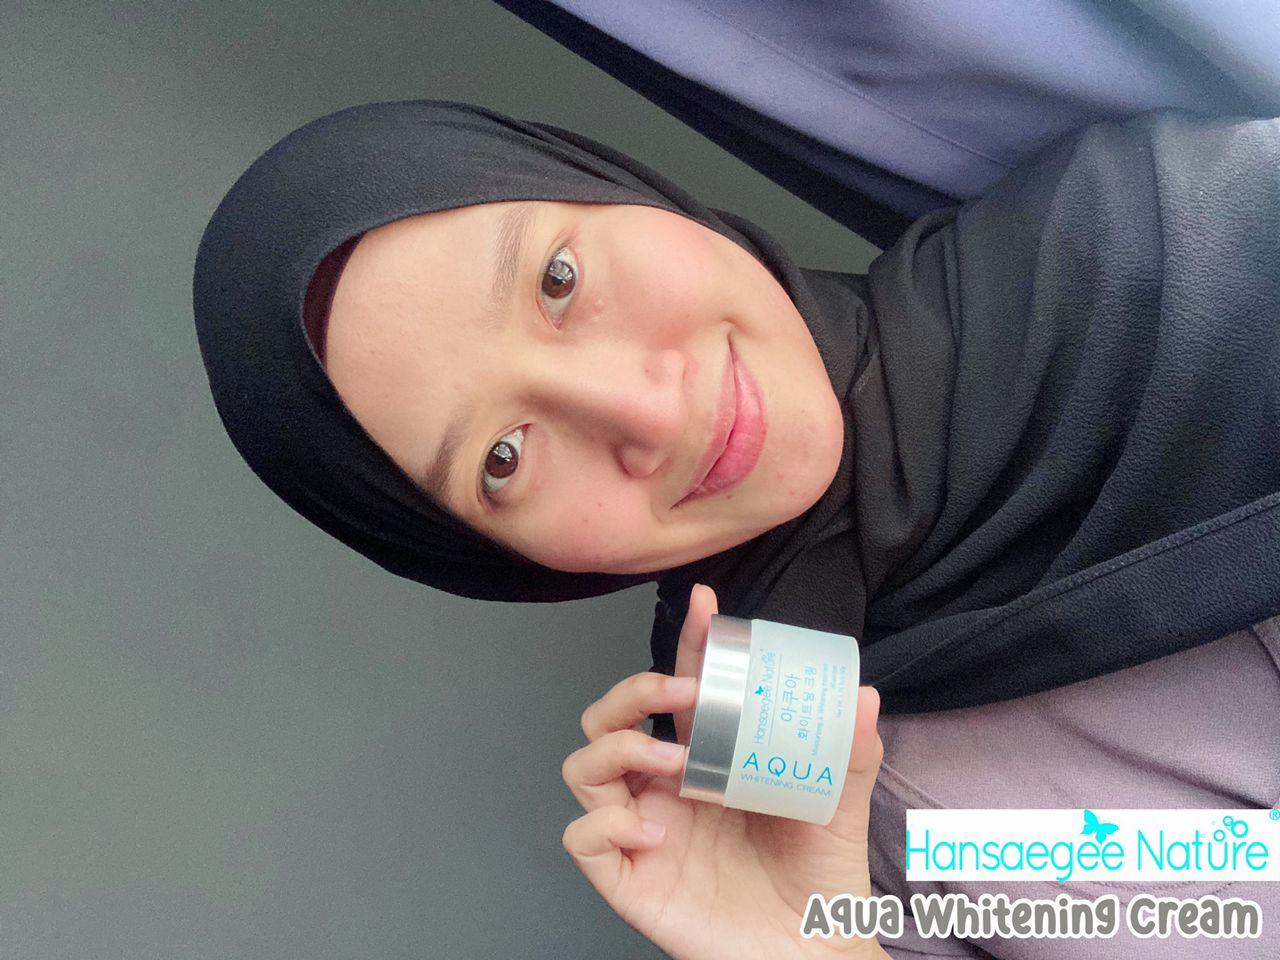 Hansaegee Nature Aqua Whitening Cream Review